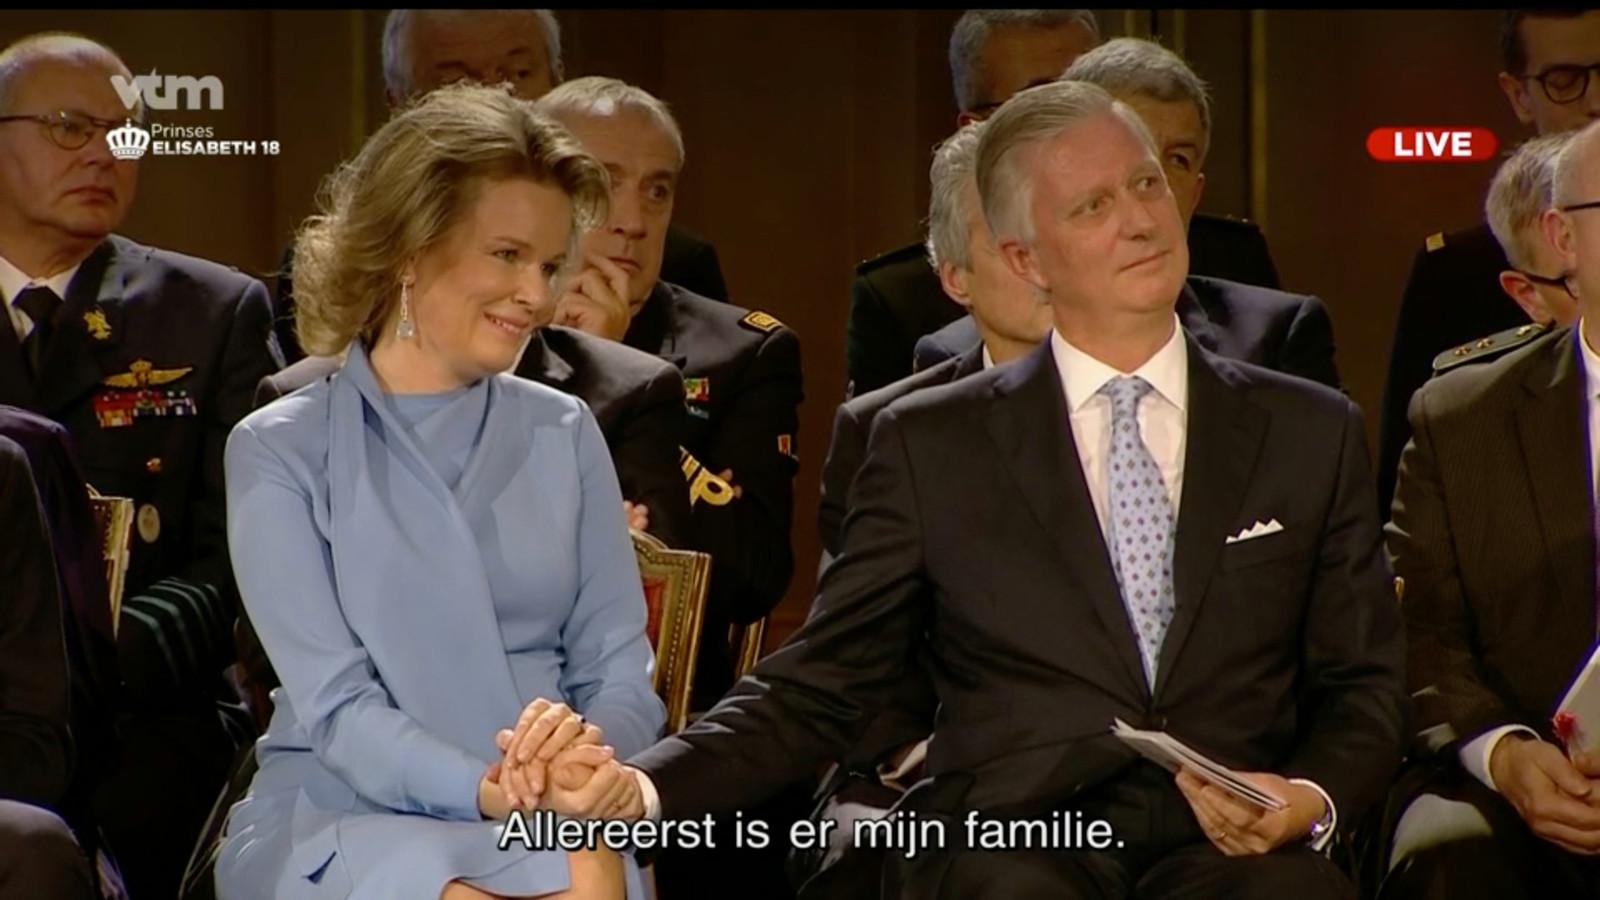 Oprechte ontroering en vooral trots bij Mathilde en Filip tijdens de speech van hun dochter. Uit de blikken die de koningin met haar kroost wisselt, blijkt in wat voor warm nest Elisabeth opgroeit.